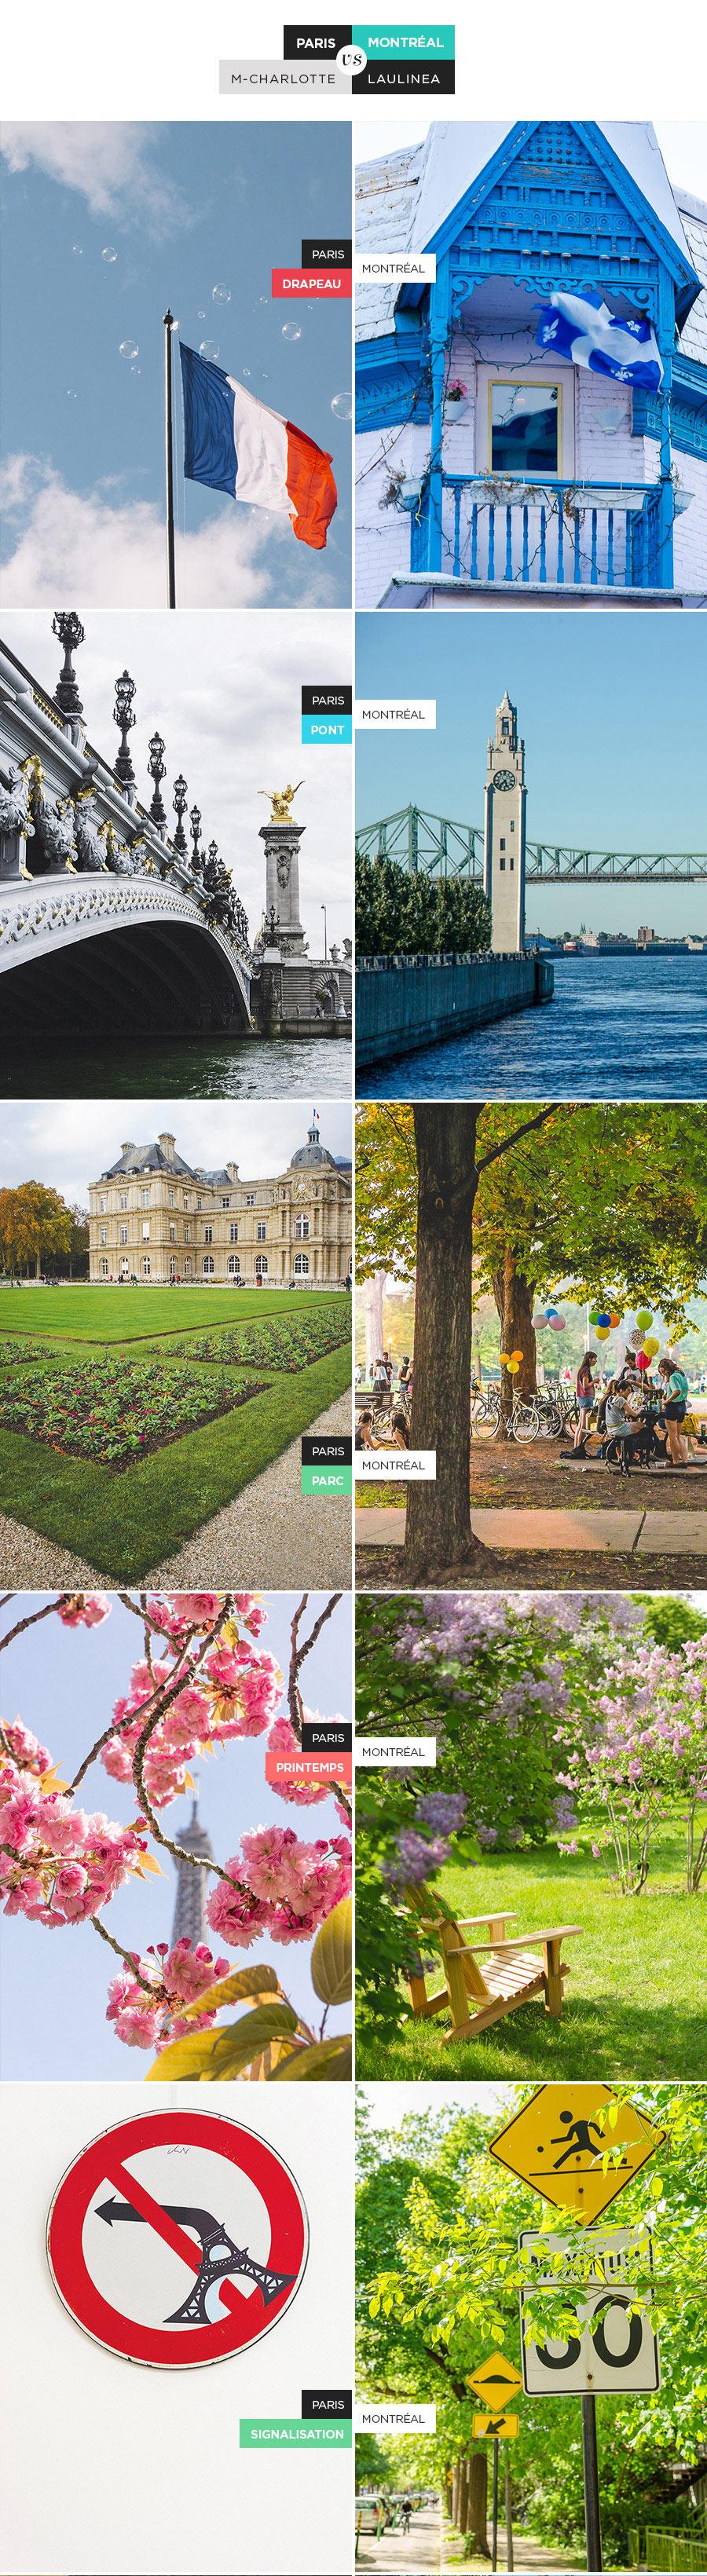 22 thèmes abordés par une parisienne et une française expatriée à Montréal : l'hiver, le printemps, la mode, le métro, les ruelles, la signalisation et d'autres ! #parisVSmontréal, comparaison, canada, france, amerique, europe